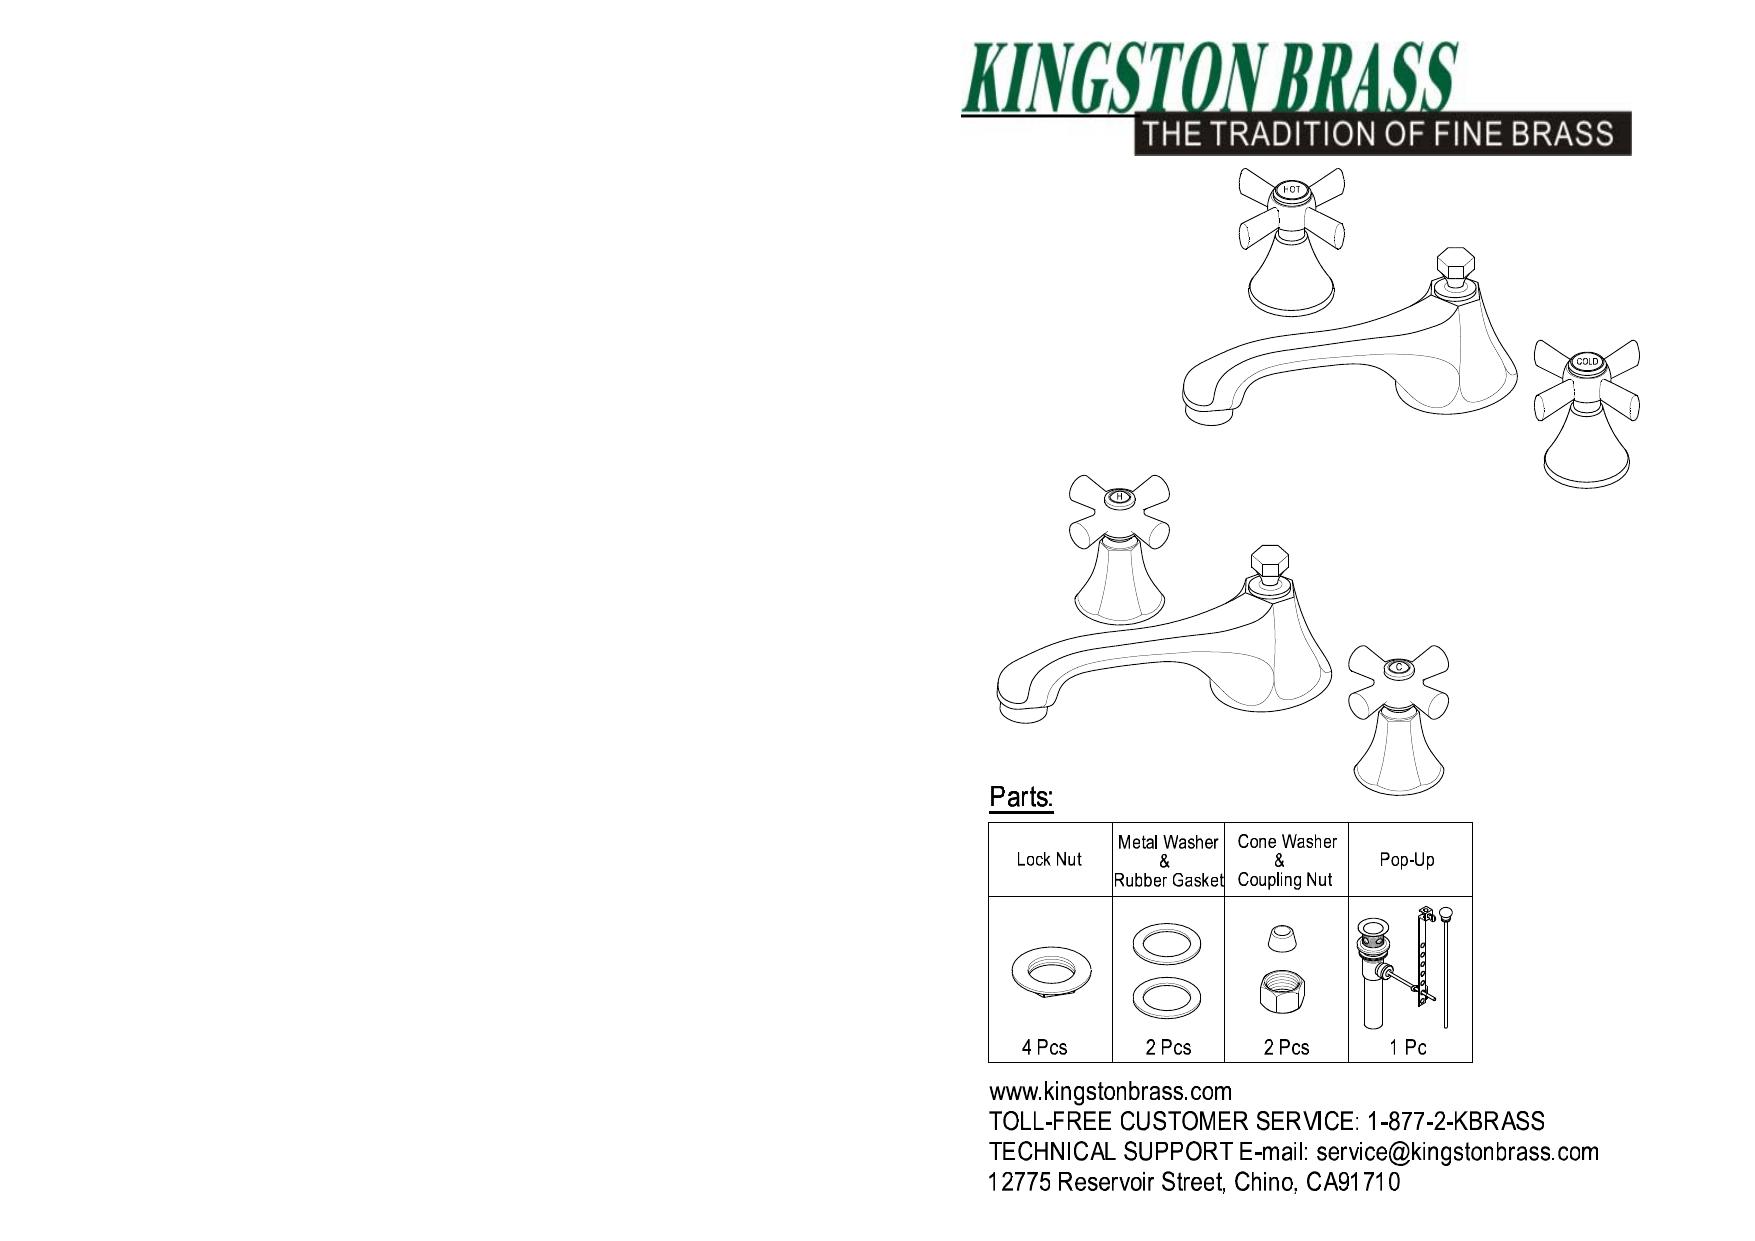 Single Handle Bath Faucet Repair Manual Guide